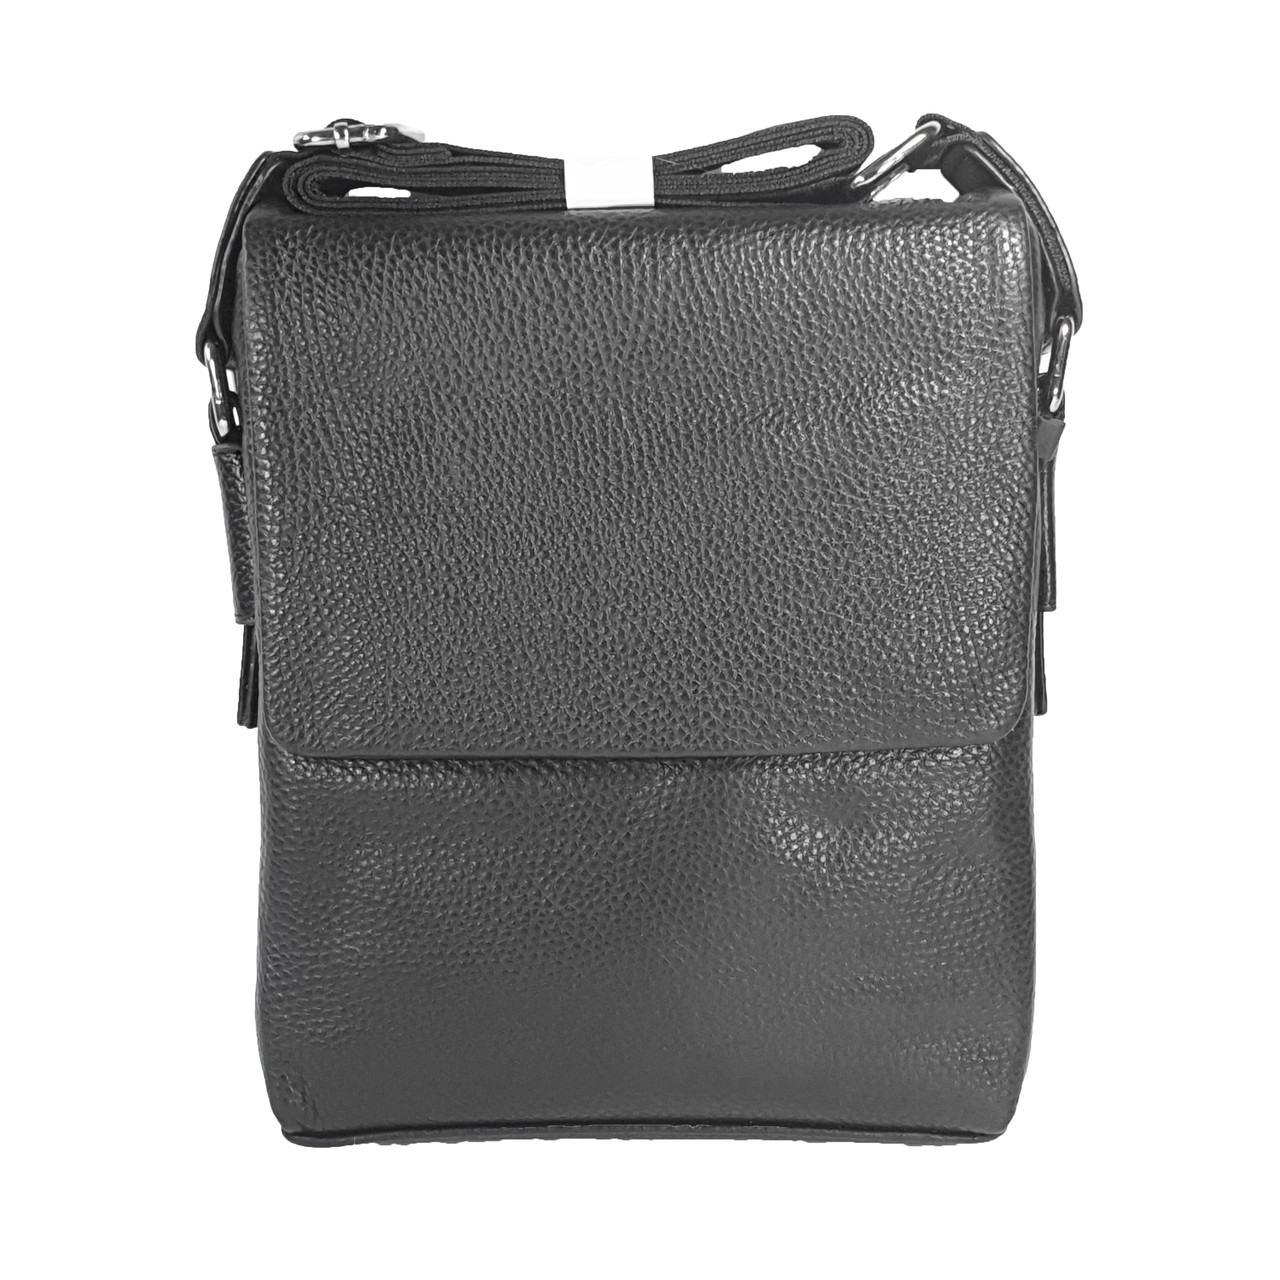 Мужская сумка из натуральной кожи с клапаном, большая